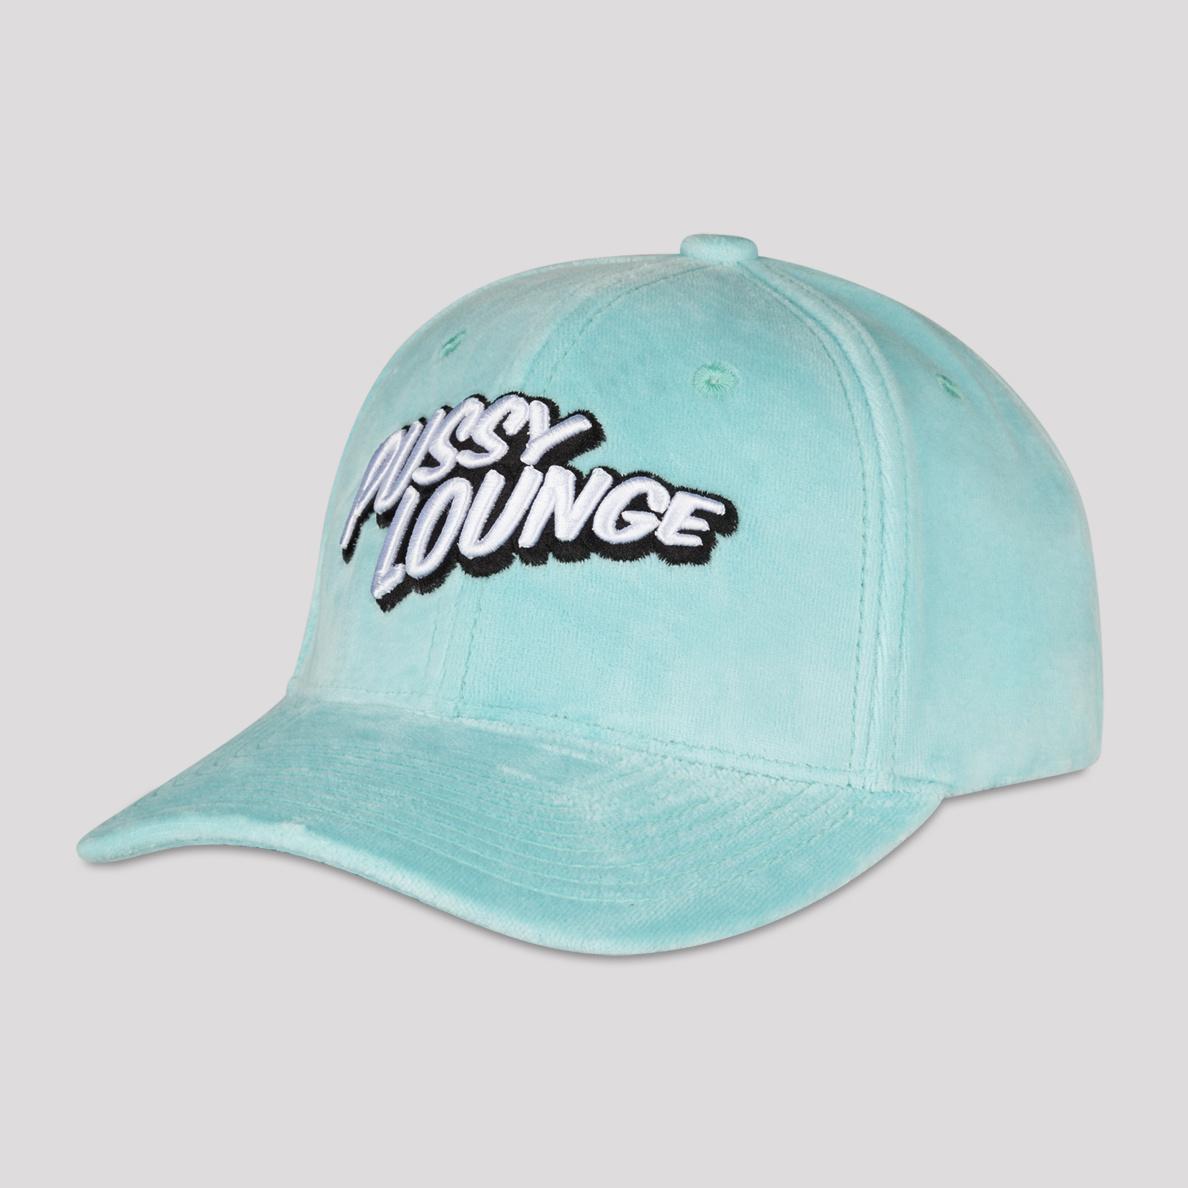 PUSSY LOUNGE BASEBALL CAP VELVET